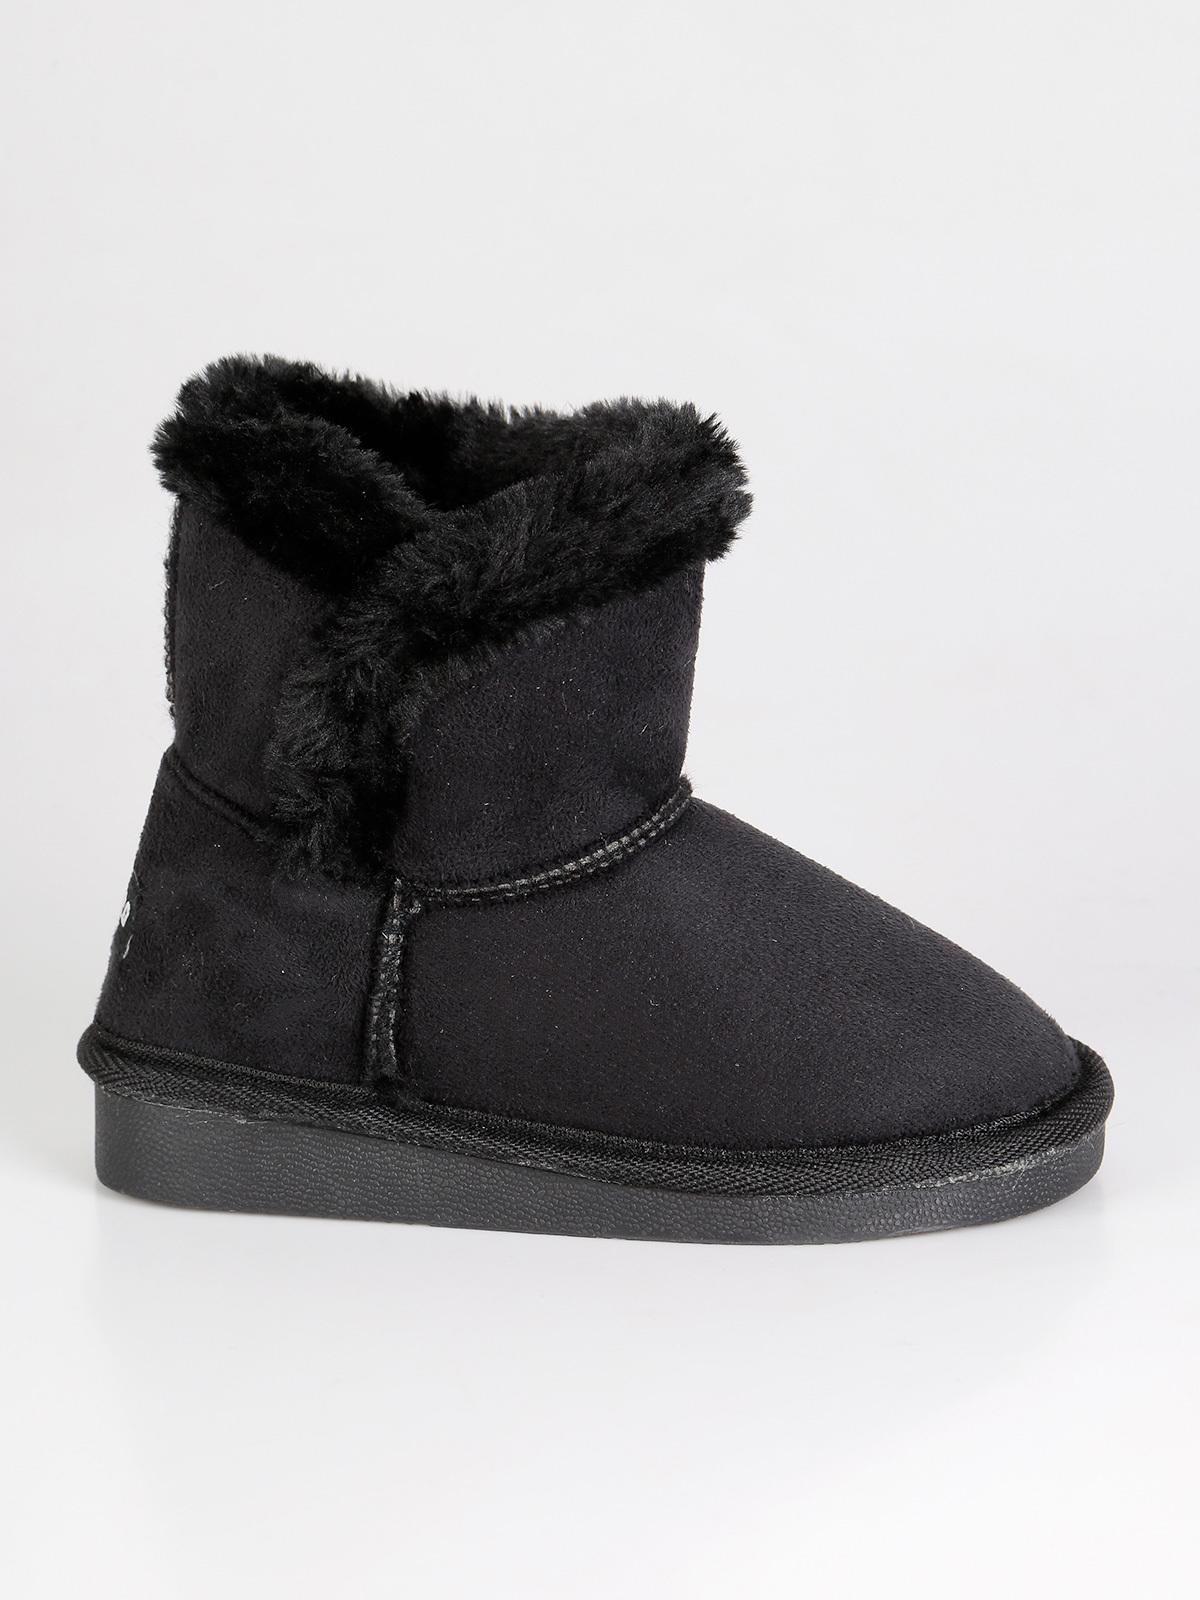 outlet ultimi progetti diversificati moda di lusso Stivali bassi con pelo interno - nero canguro   MecShopping